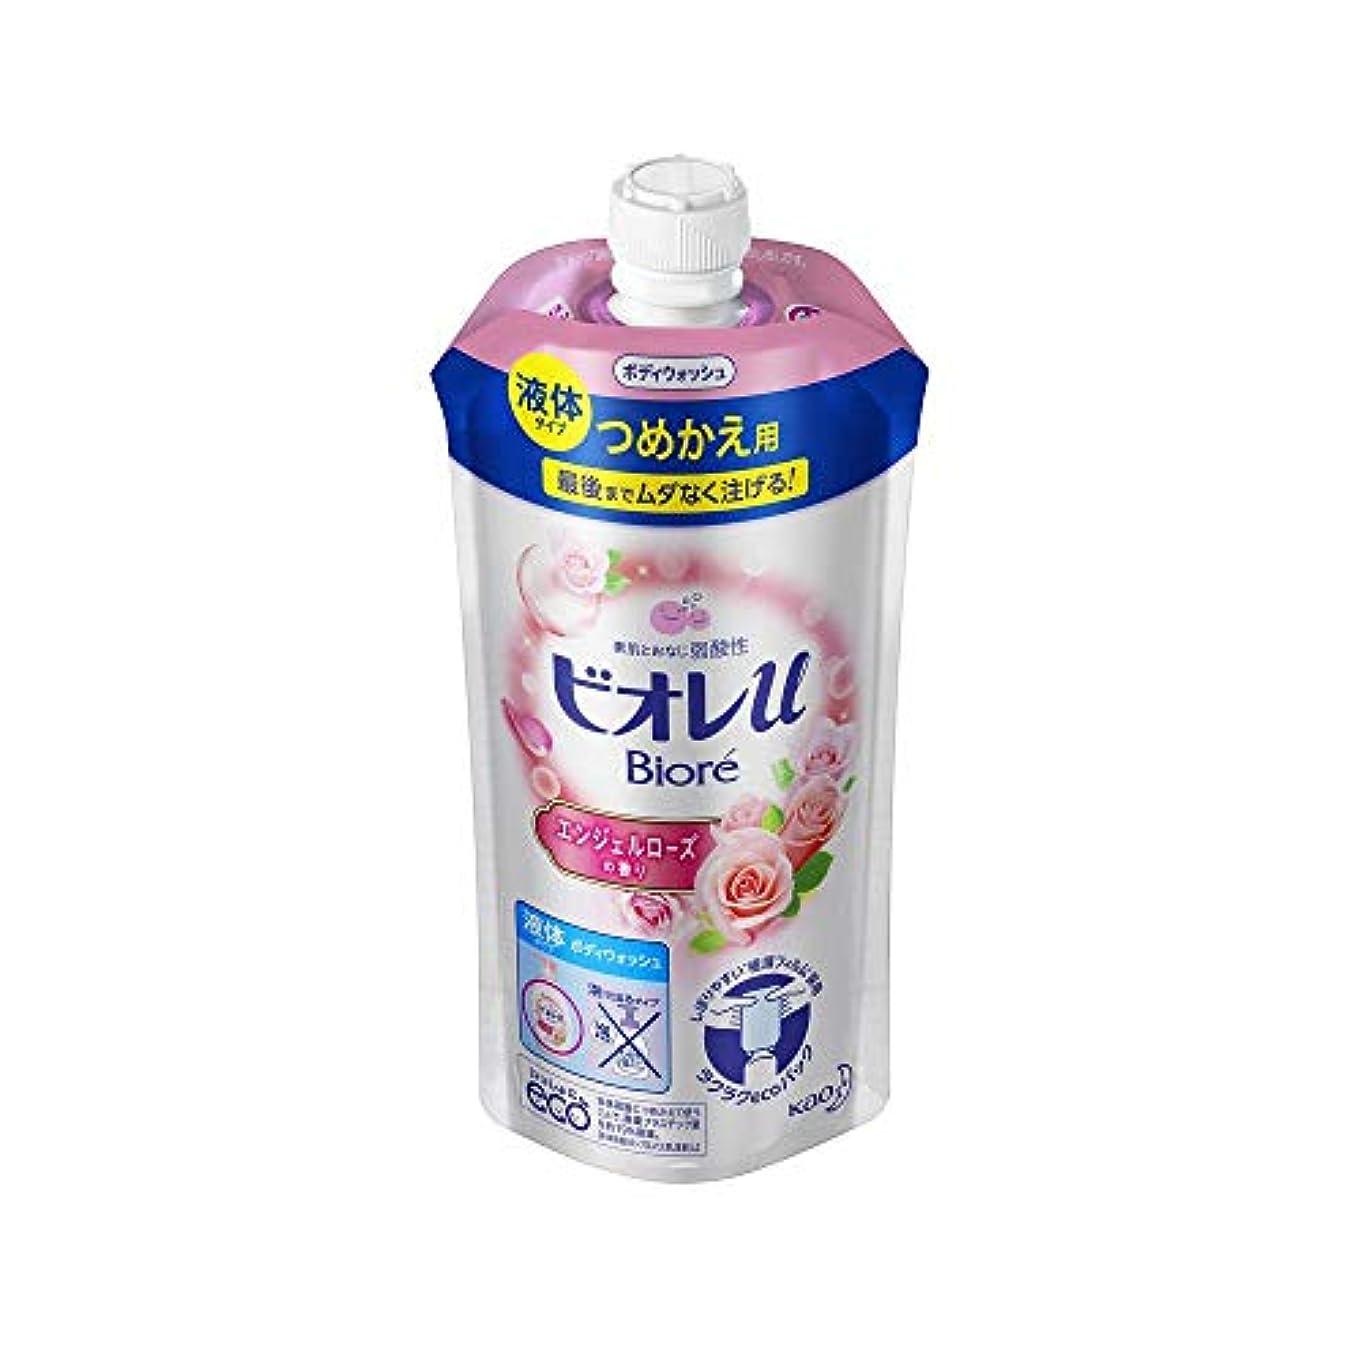 プログラム疼痛タイトル花王 ビオレu エンジェルローズの香りつめかえ用 340ML